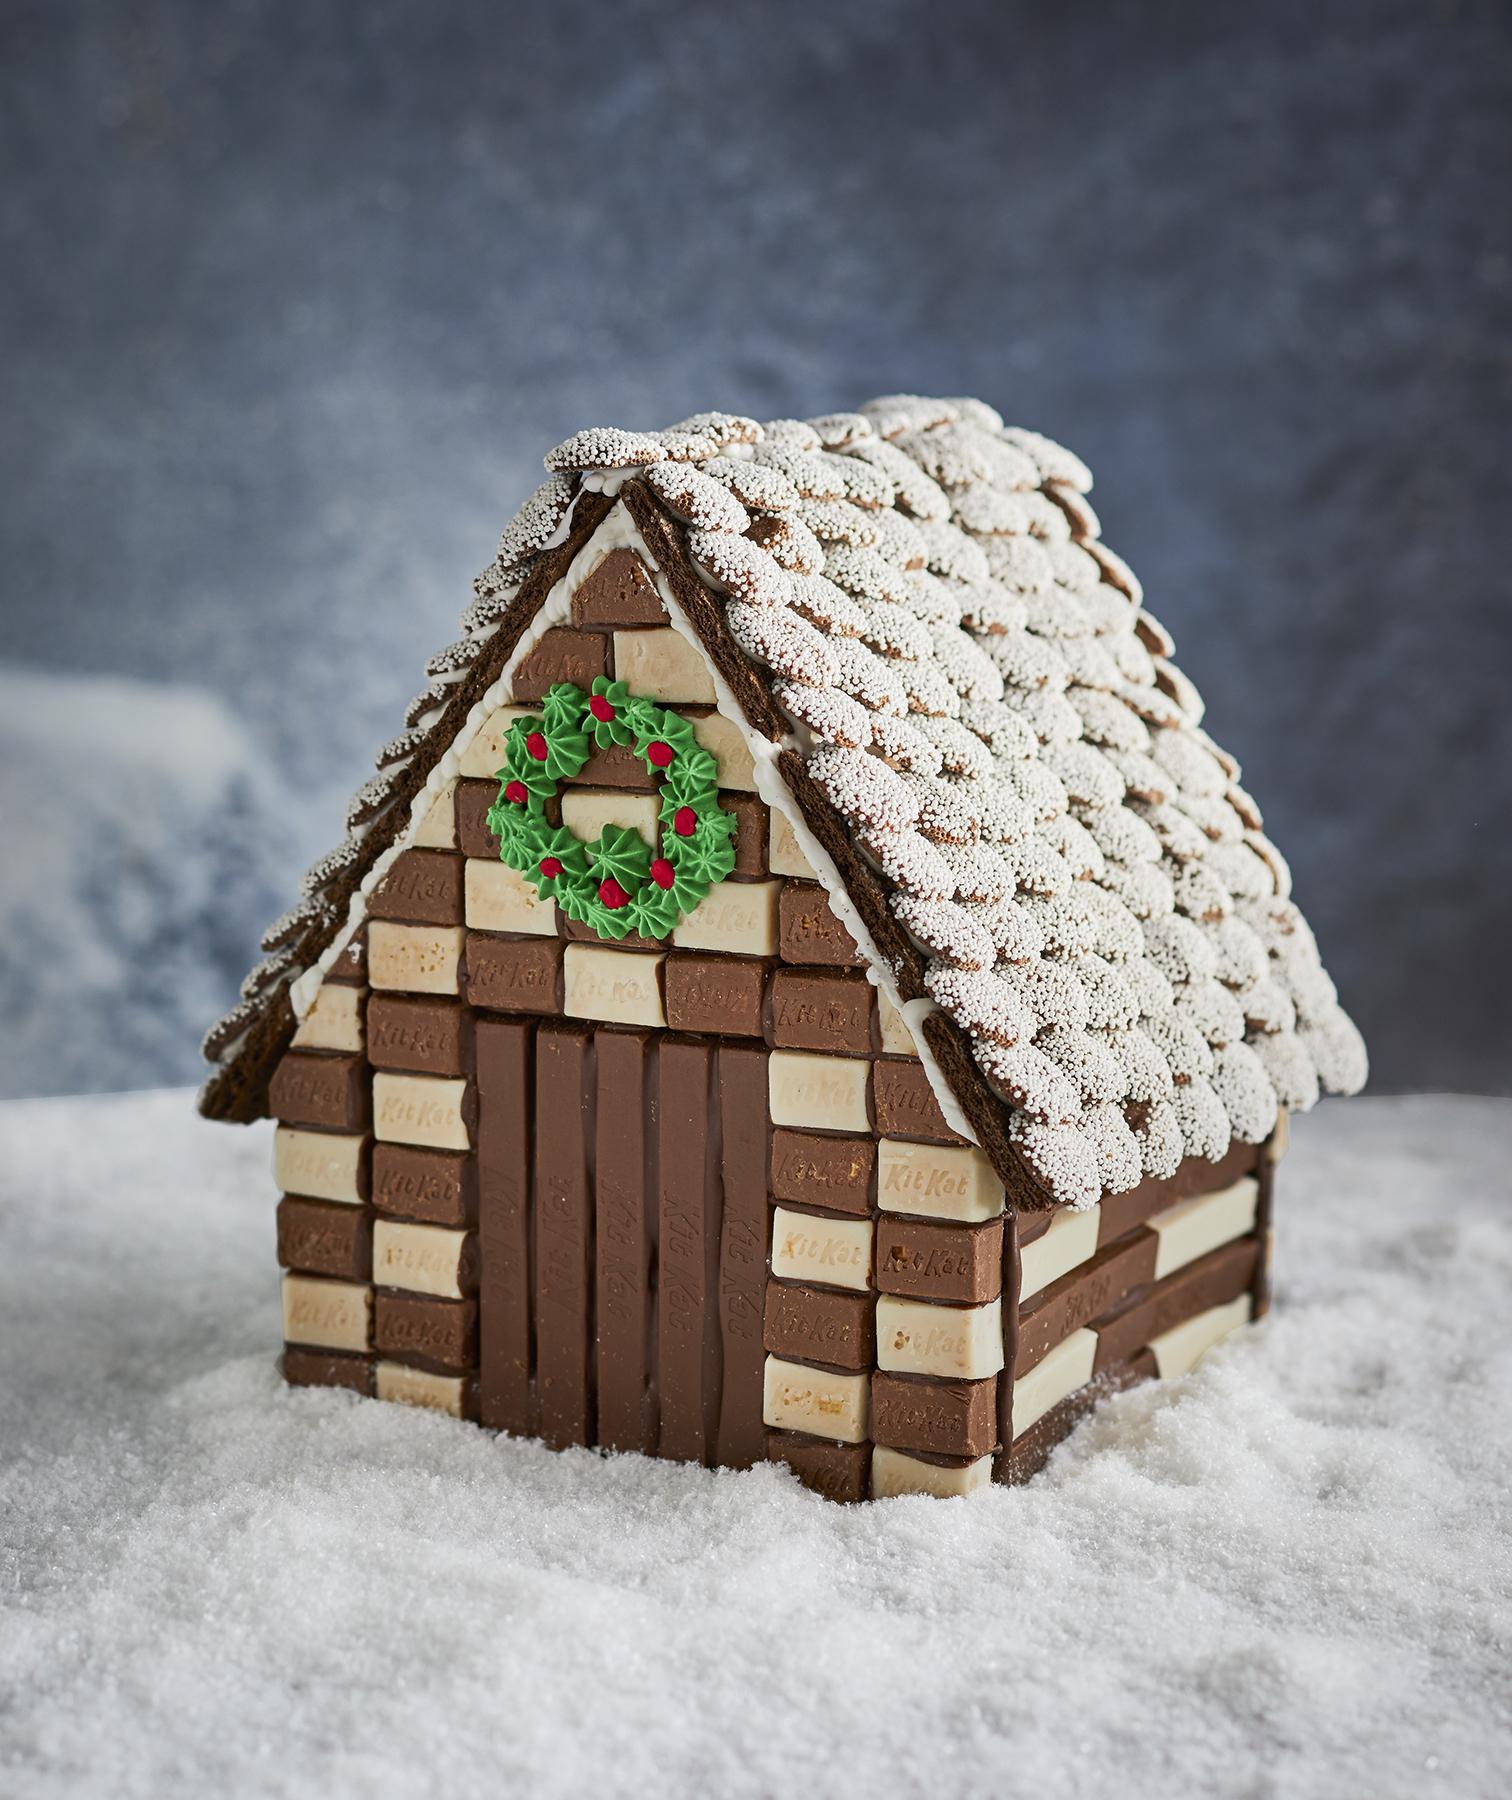 σοκολατένια σπιτάκια Χριστουγέννων